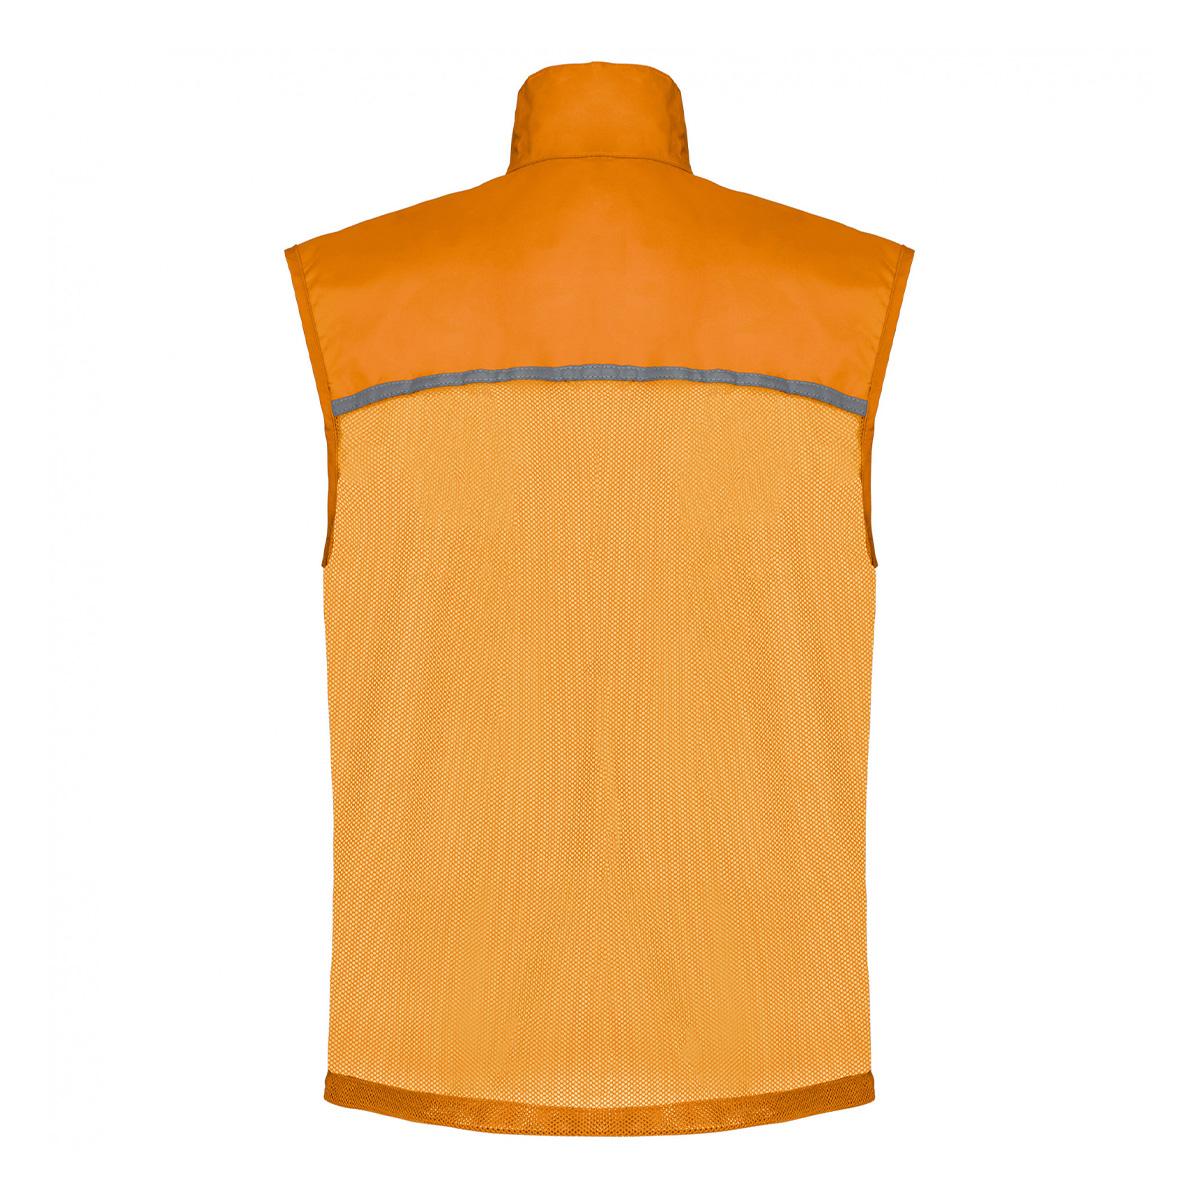 D05_pa234_orange--0-0--ca8c9f50-0a53-43a2-8ce8-7792442bc308